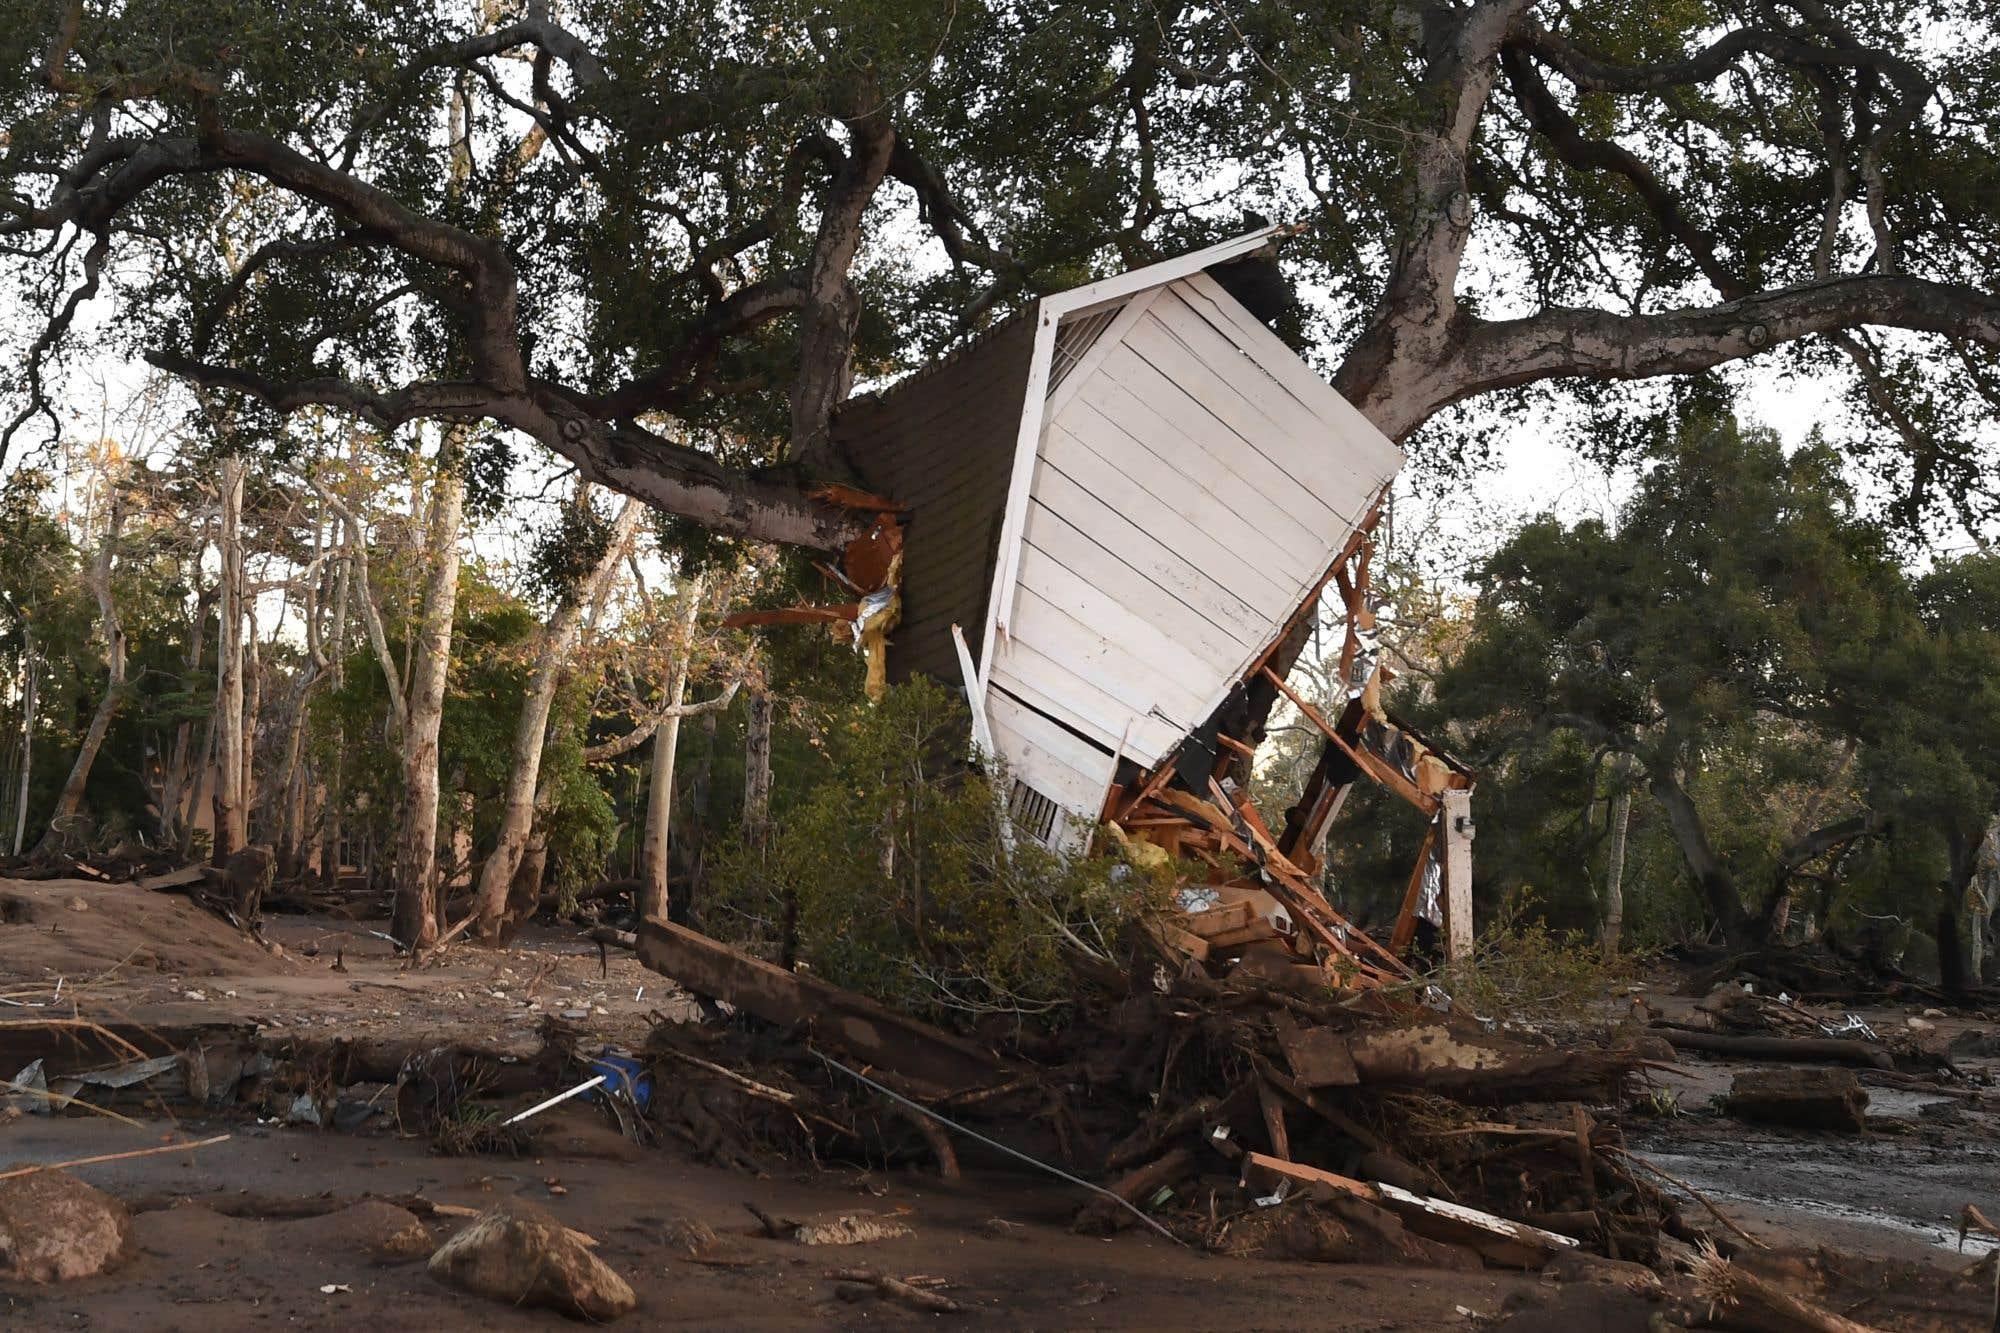 Un bâtiment, déraciné par un glissement de terrain, s'est retrouvé dans un arbre à Montecito. De fortes pluies ont déversé boue et débris provenant des collines vers Montecito et d'autres villes du comté de Santa Barbara. Les sauveteurs ont dû utiliser des chiens et des hélicoptères pour rechercher les victimes des glissements de terrain qui ont fait au moins 17 morts dans cette région de la Californie qui se remet encore des féroces incendies du mois dernier.